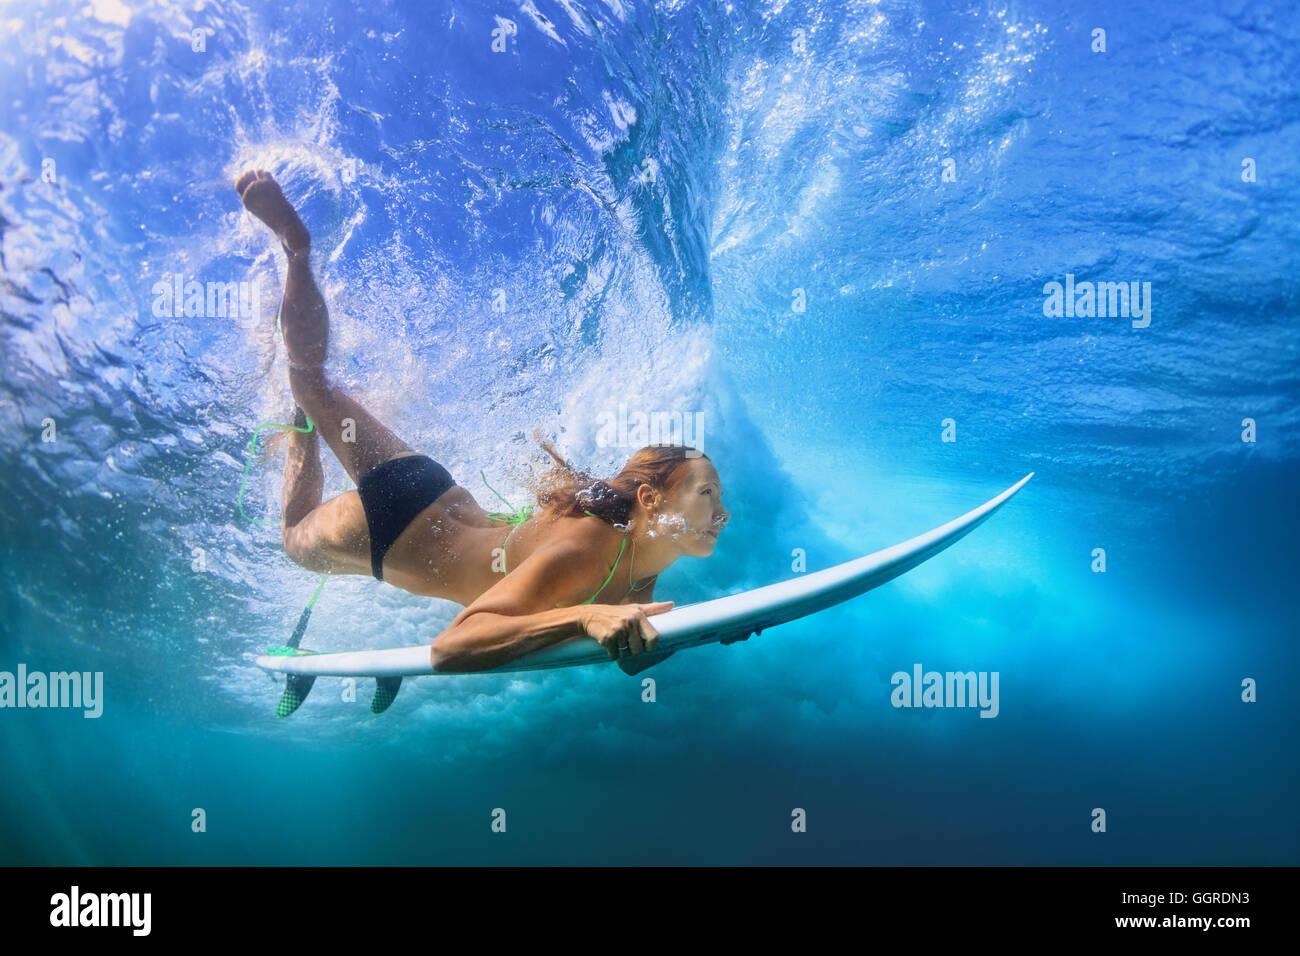 Giovane ragazza attiva in bikini in azione - surfer con tavola da surf subacquea Immersioni sotto la rottura grande Immagini Stock